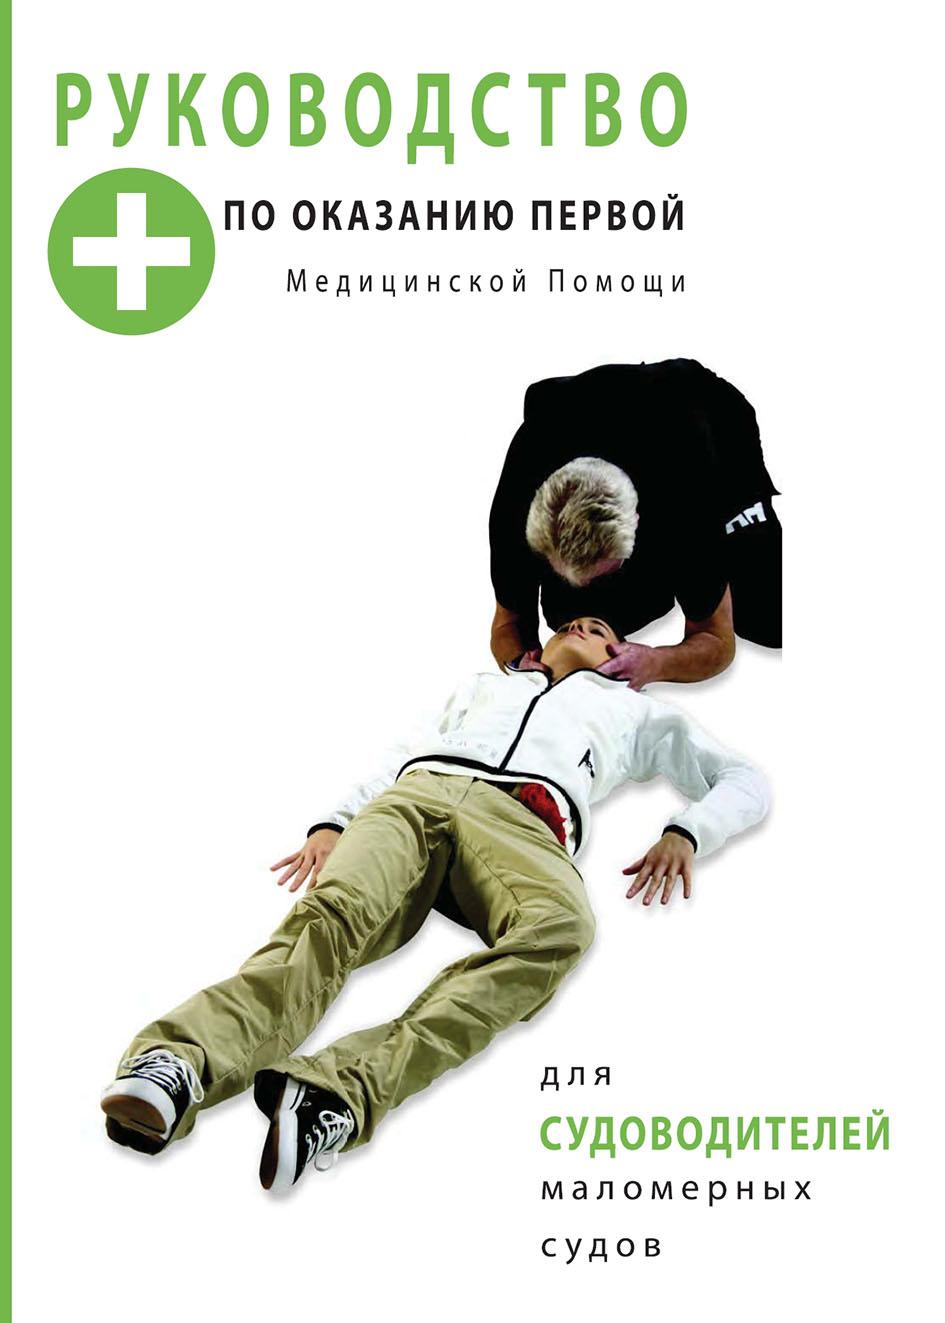 Юрий Иванов Руководство по оказанию первой медицинской помощи для судоводителей маломерных судов